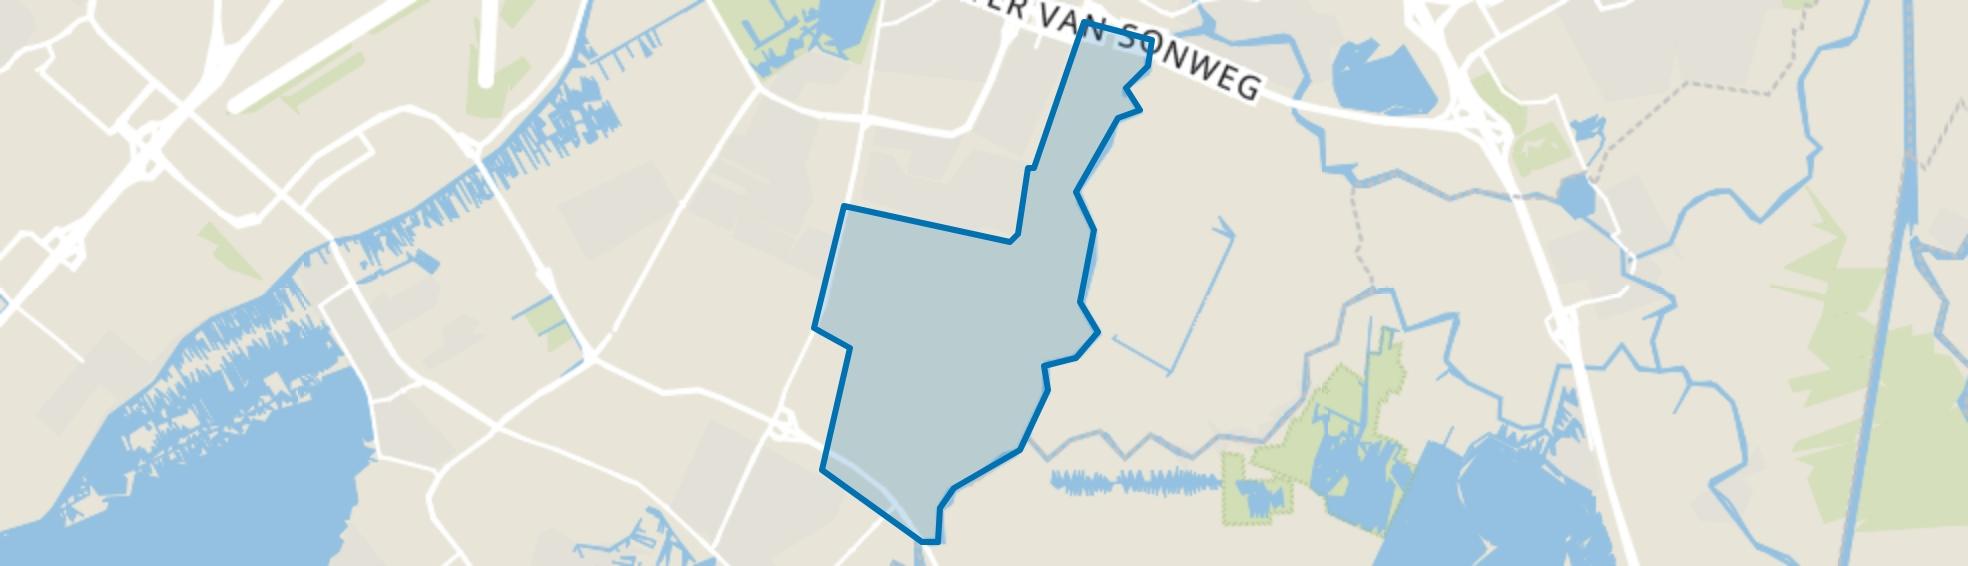 Nes aan de Amstel, Amstelveen map